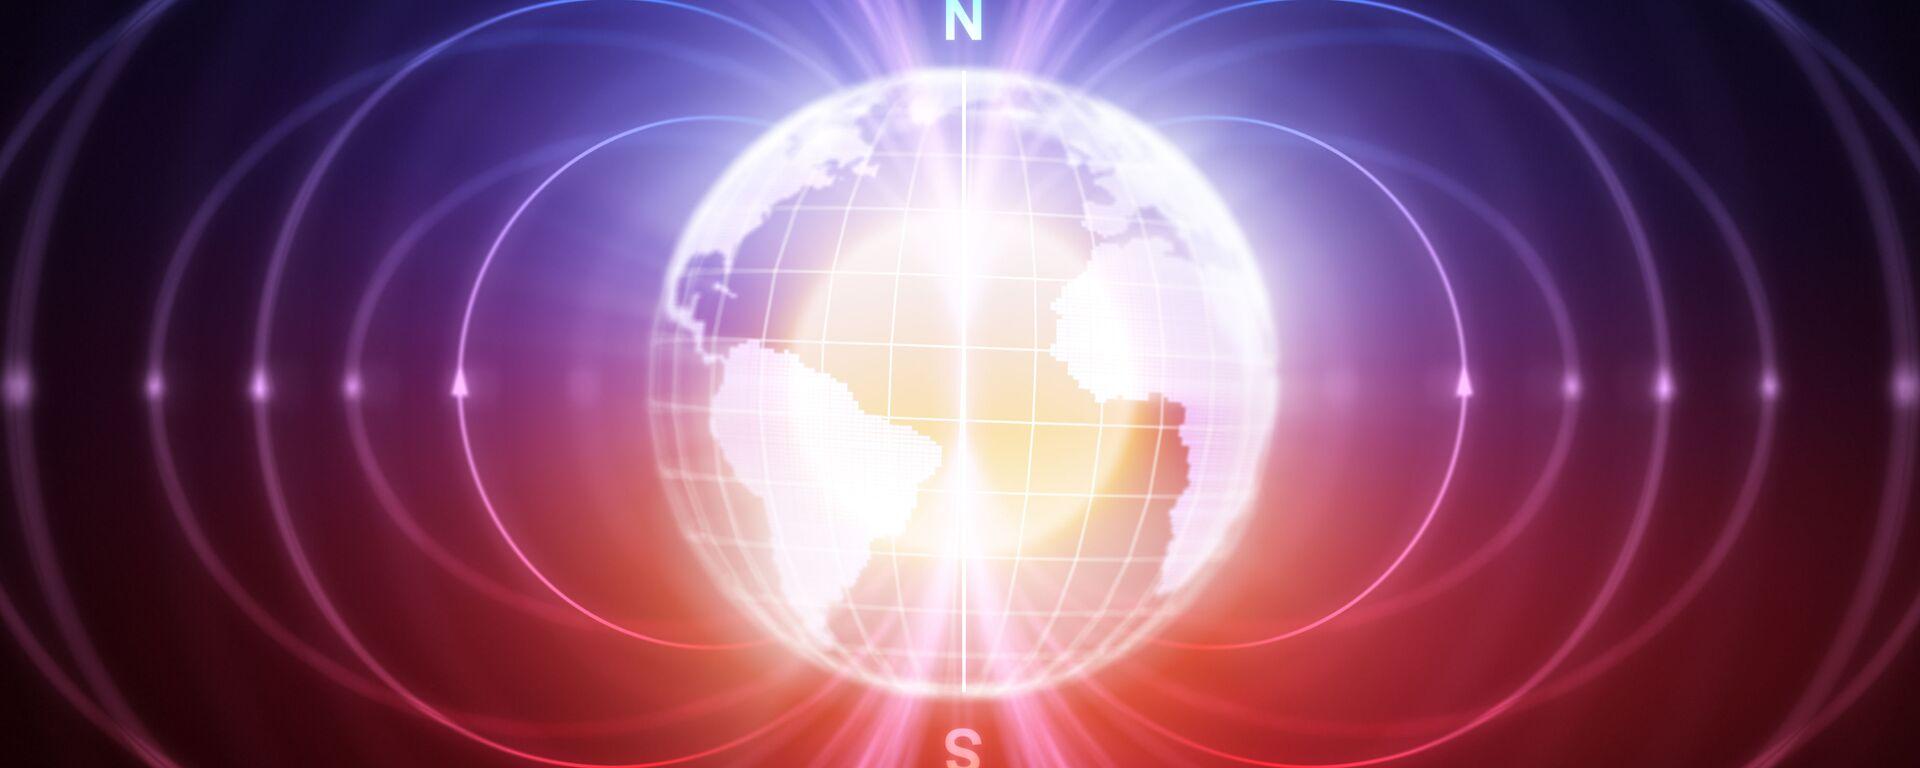 magnetické pole Zemi - Sputnik Česká republika, 1920, 06.06.2021